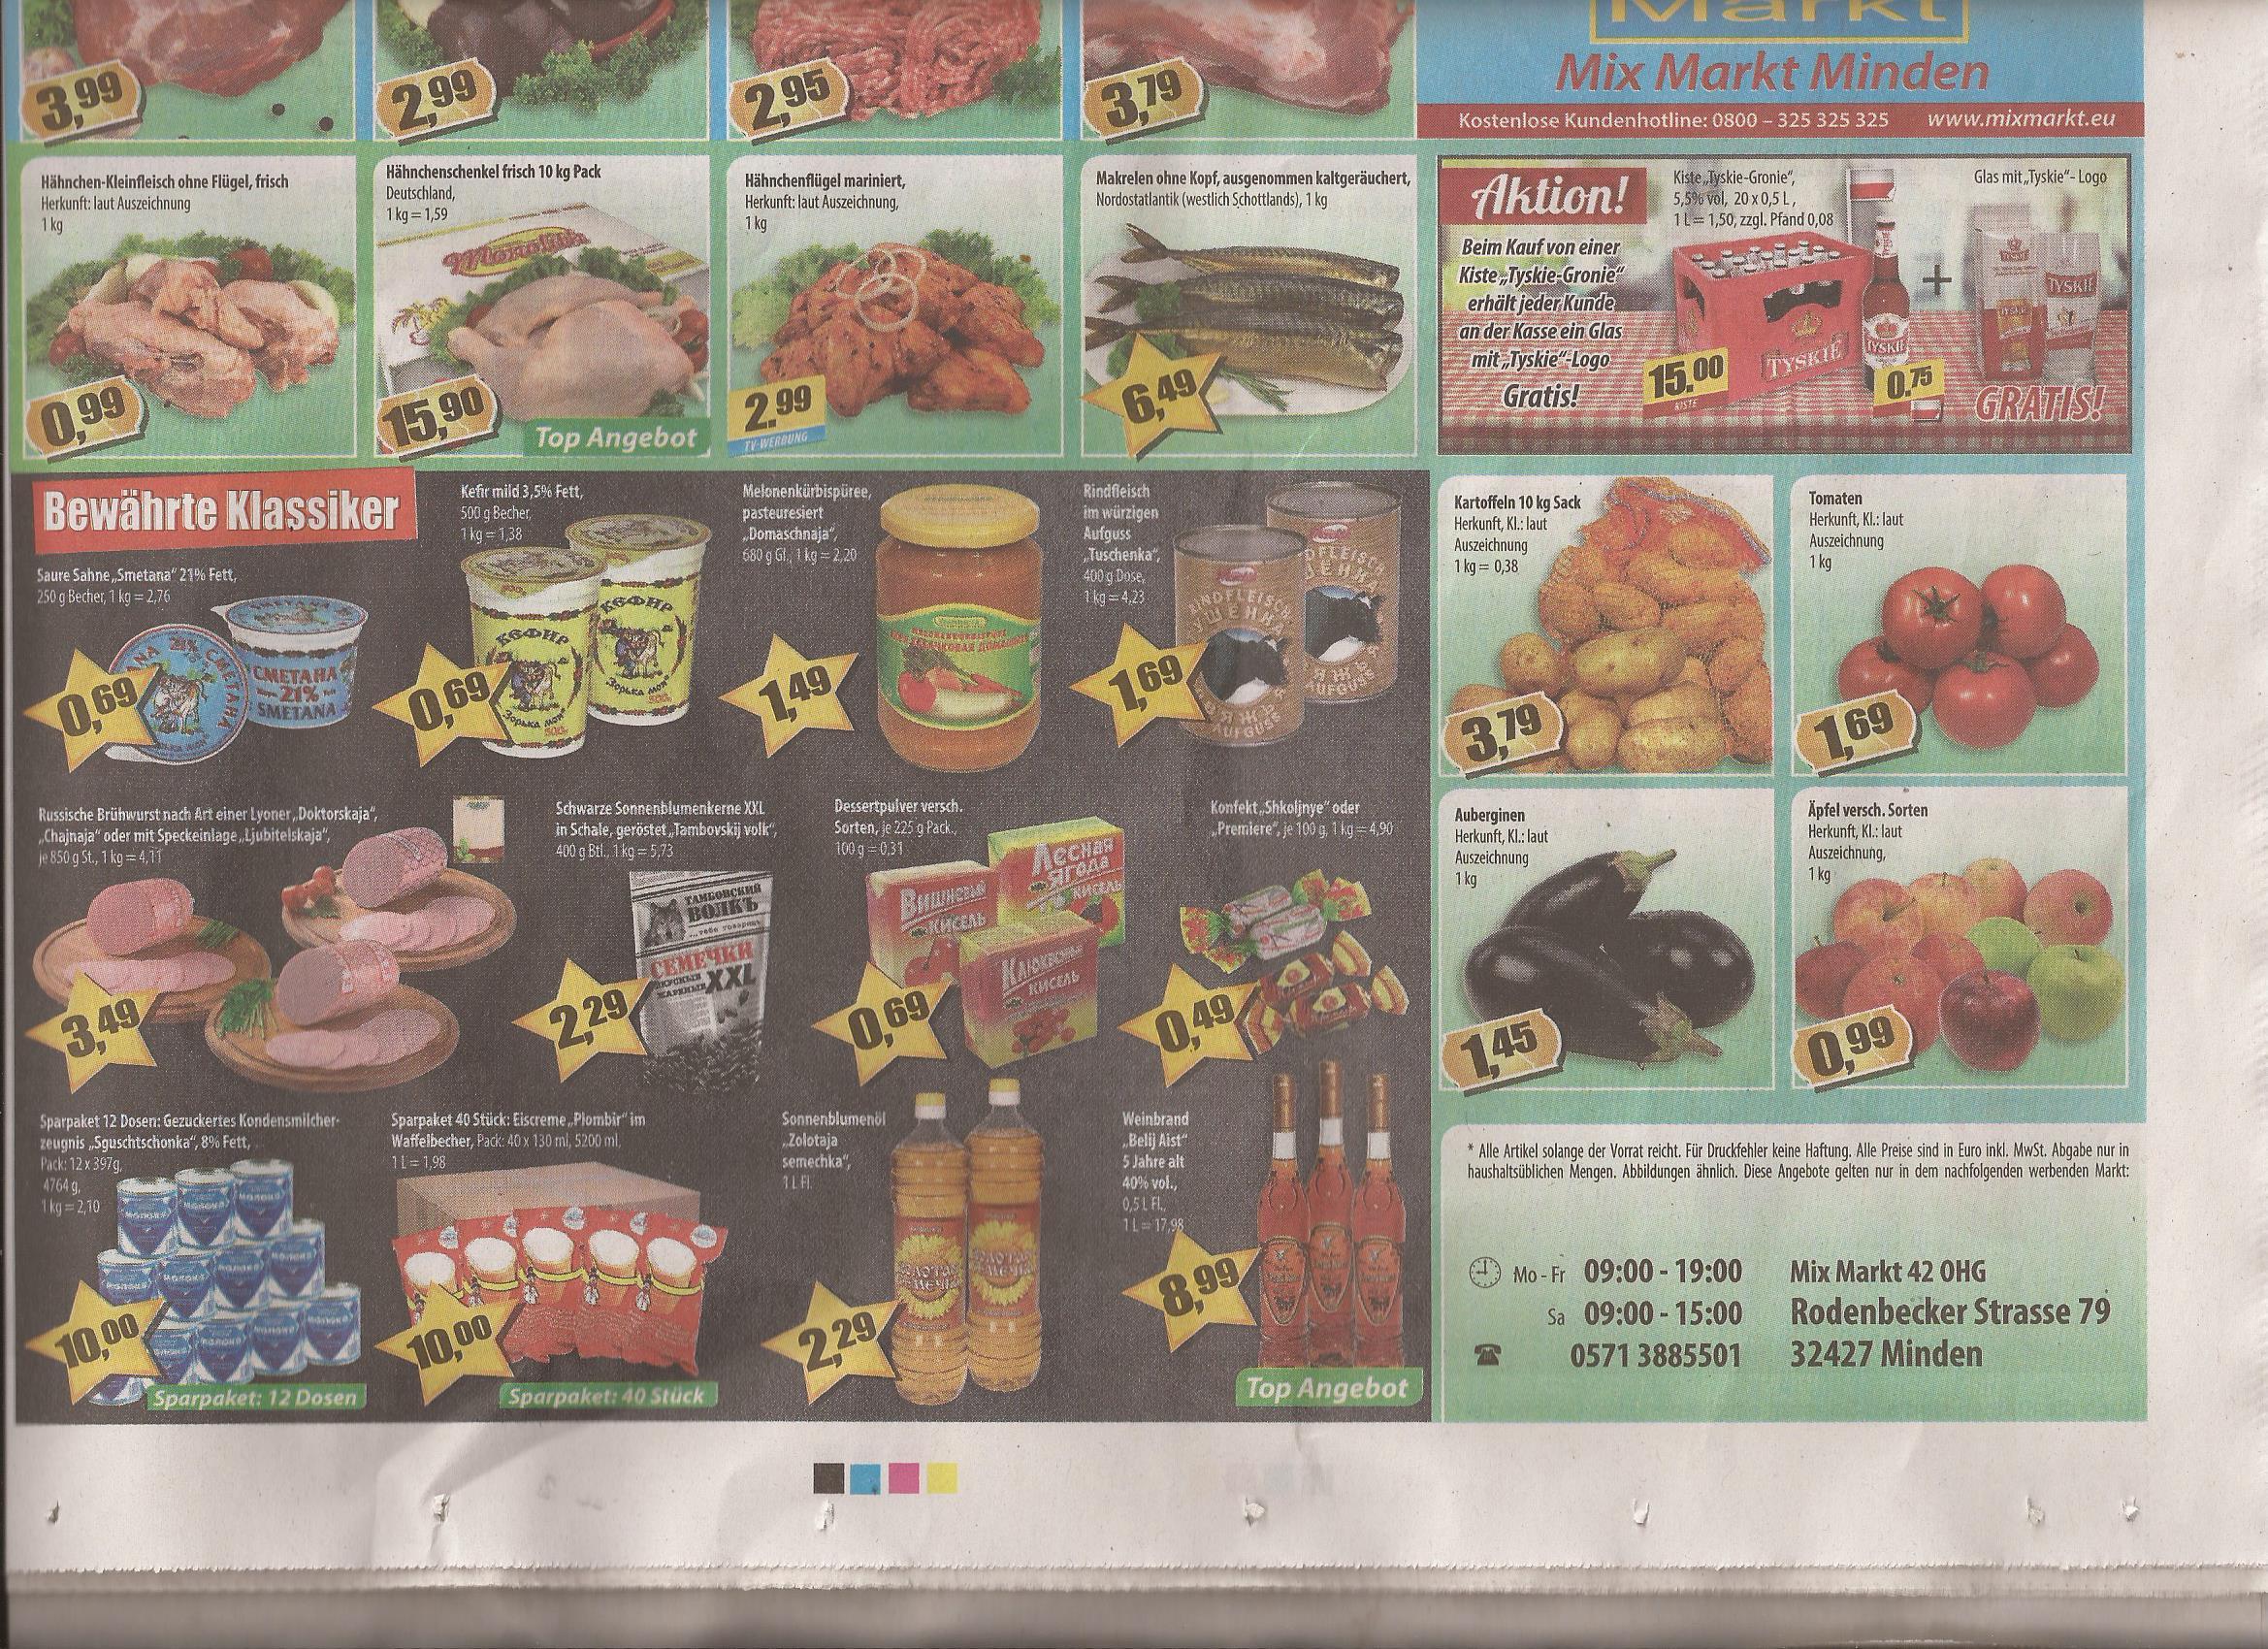 Mix Markt Minden. Russische Spezialitäten zu Discountpreisen. 1 KG Hackfleisch für 2,95. 10 KG frische Hähnchenschenkel 15,90! 1 KG Hühnerklein ohne Flügel für 0,99 Cent.